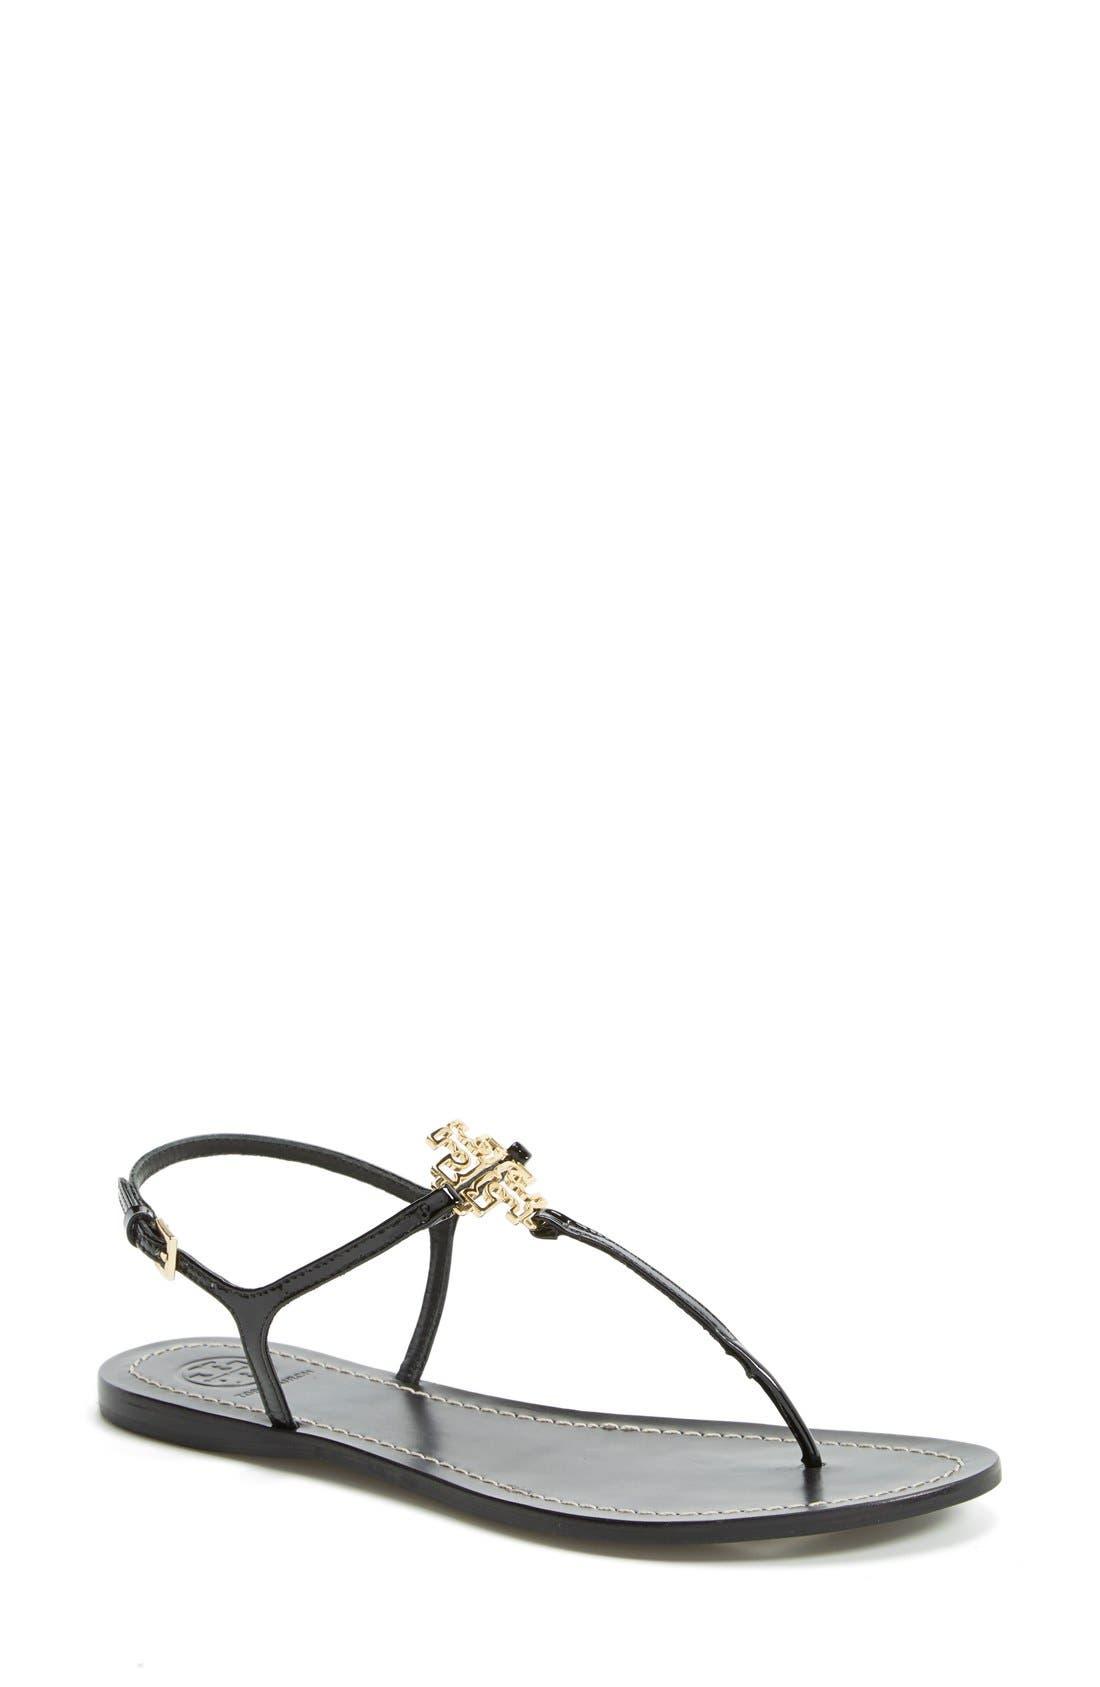 TORY BURCH 'Melinda' Flat Sandal, Main, color, 001